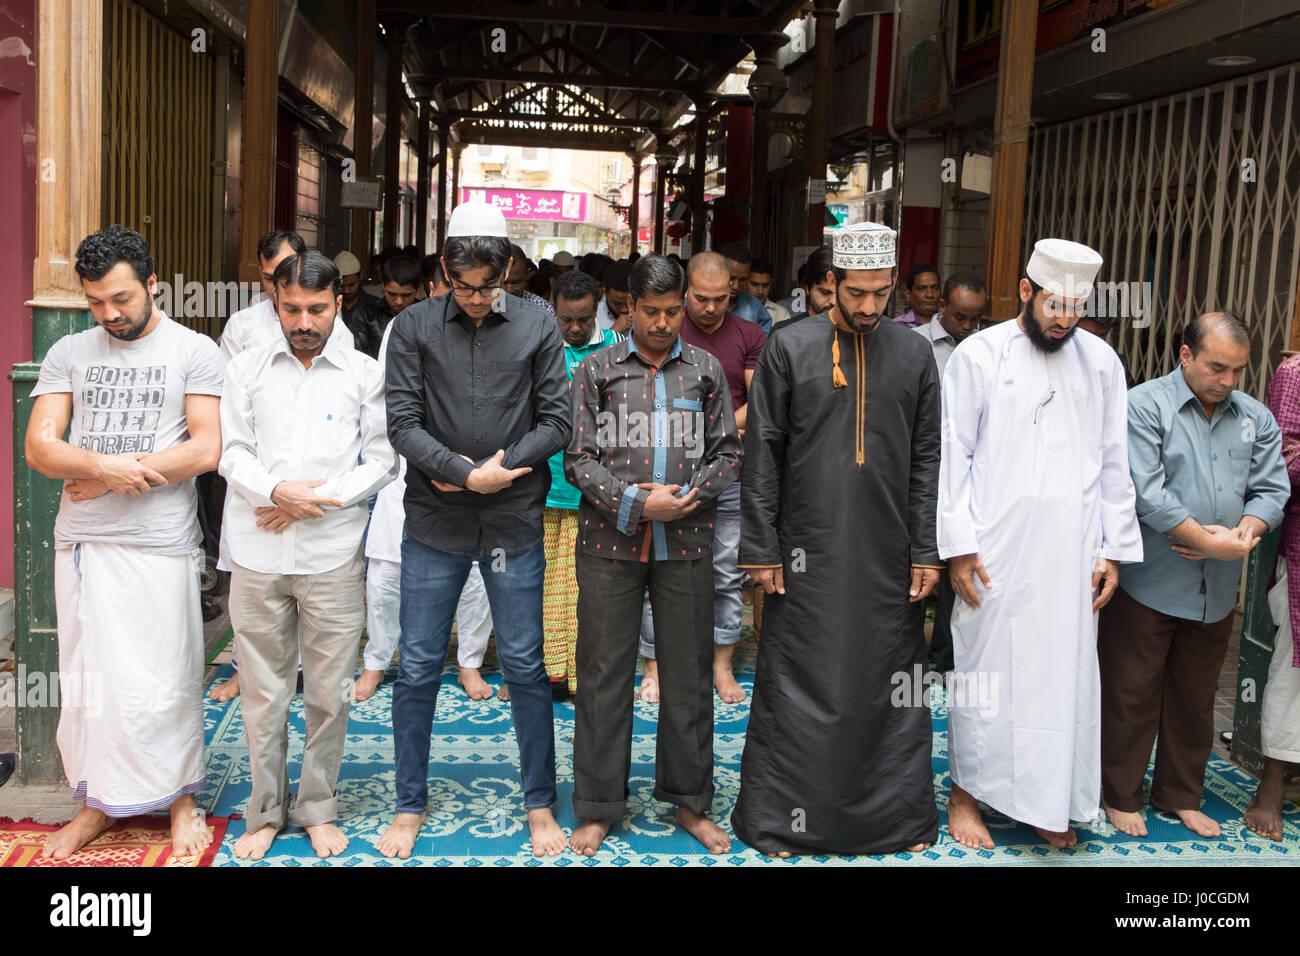 Les Arabes prier à la prière du vendredi. Photo Stock